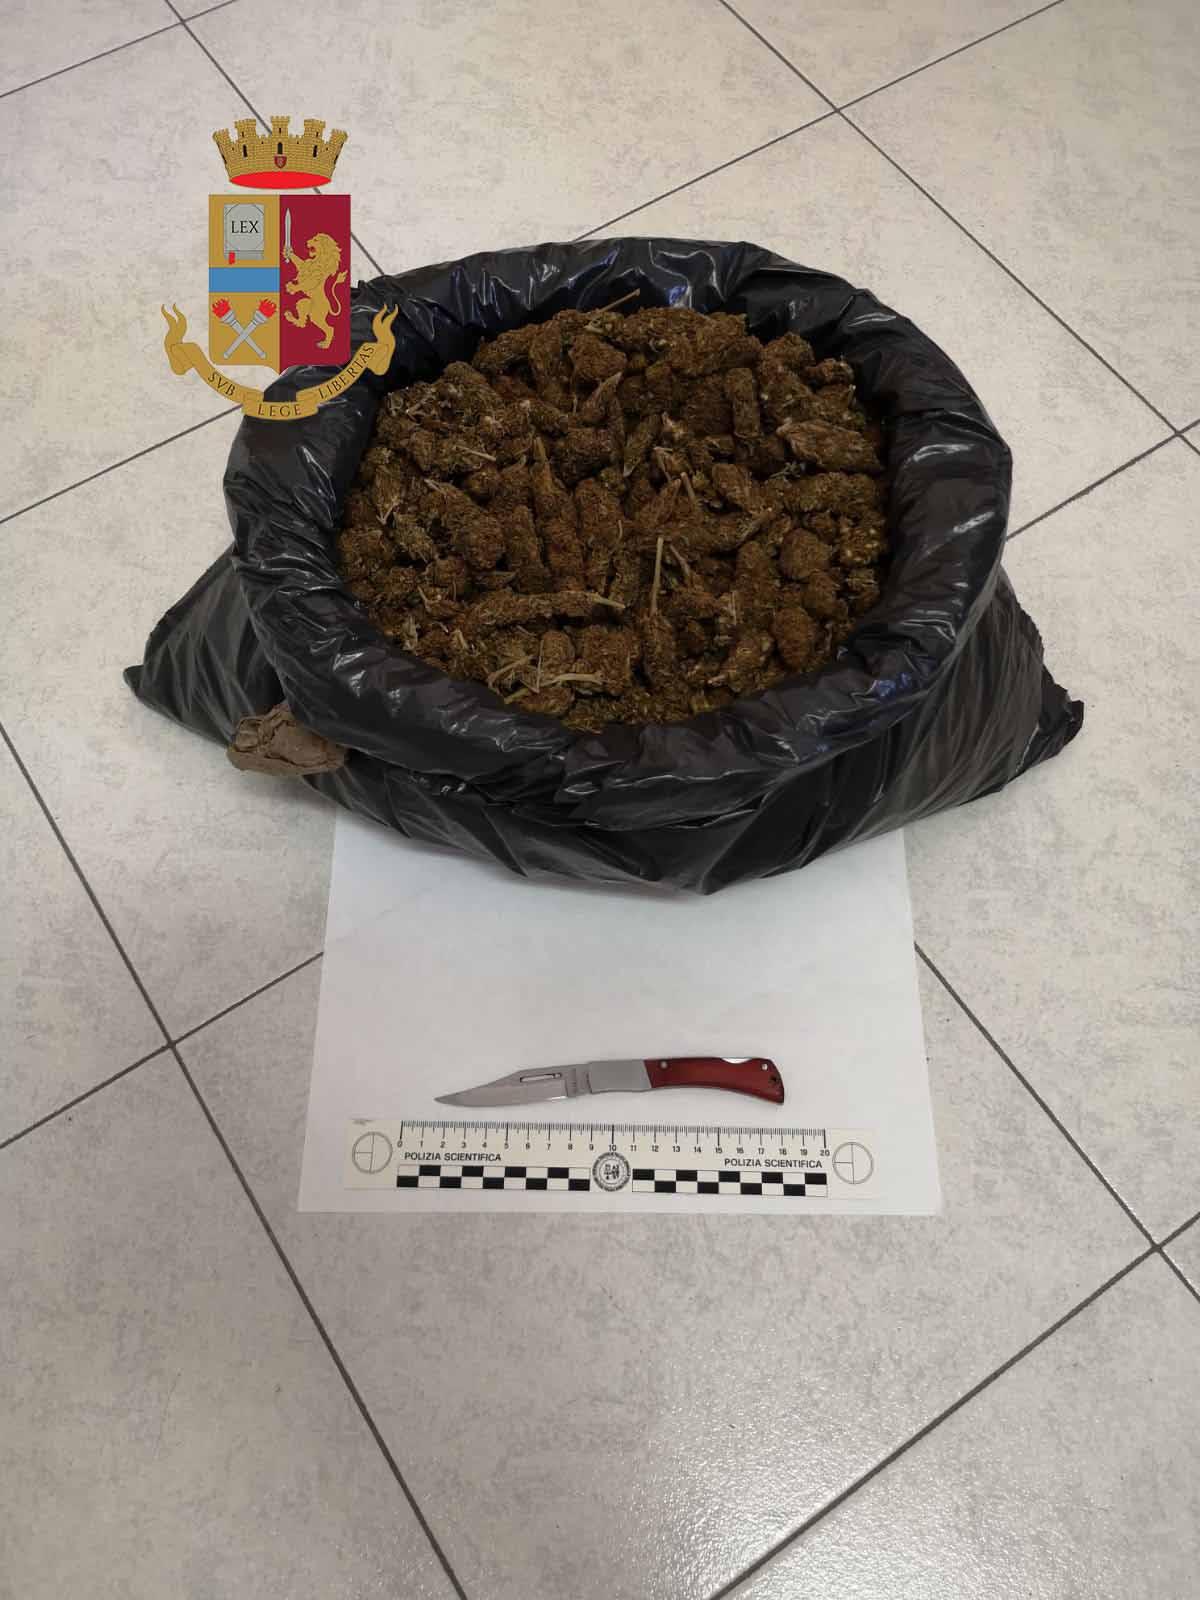 Polizia. Torna a recuperare droga nascosta, arrestato in flagranza di reato. Arrestati 2 dei 23 migranti giunti a Messina